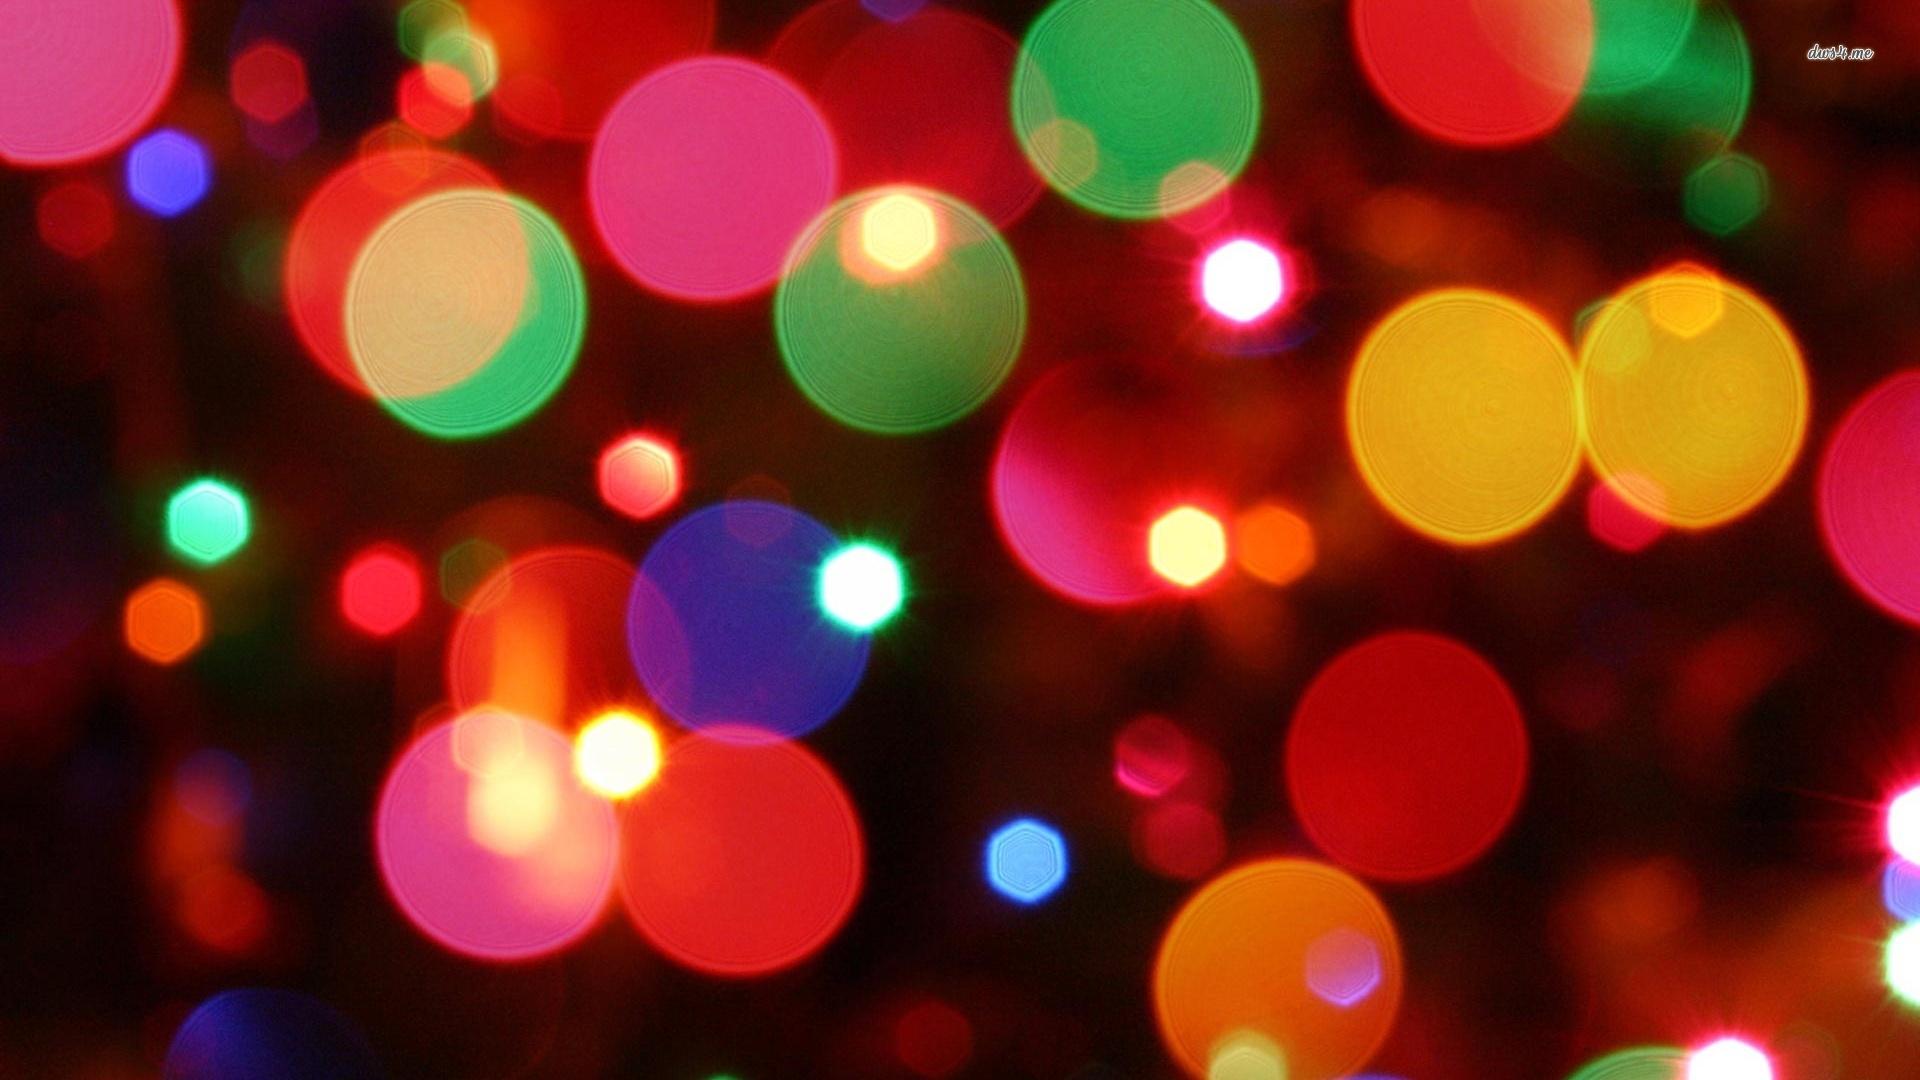 6980-christmas-lights-1920x1080-abstract-wallpaper